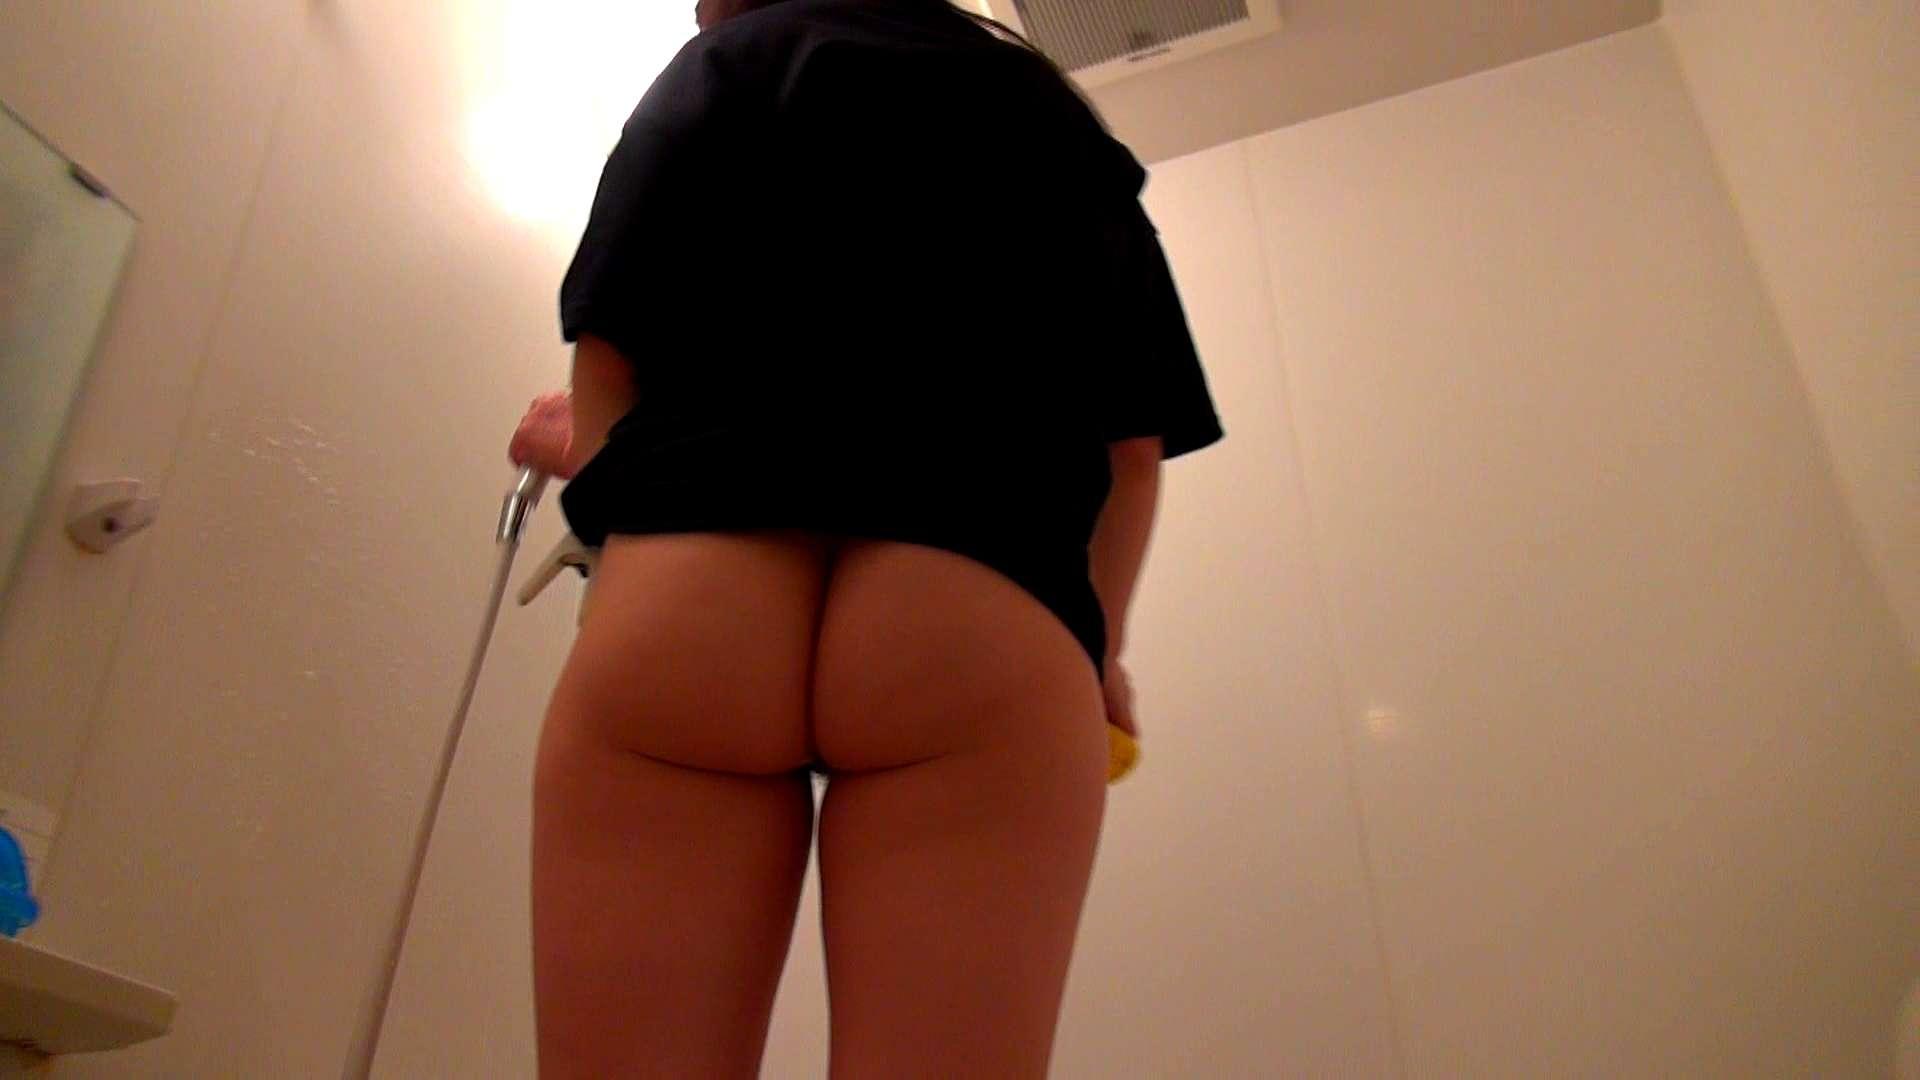 下半身裸で風呂の掃除をしてもらいました。 オマンコ全開  93PIX 84